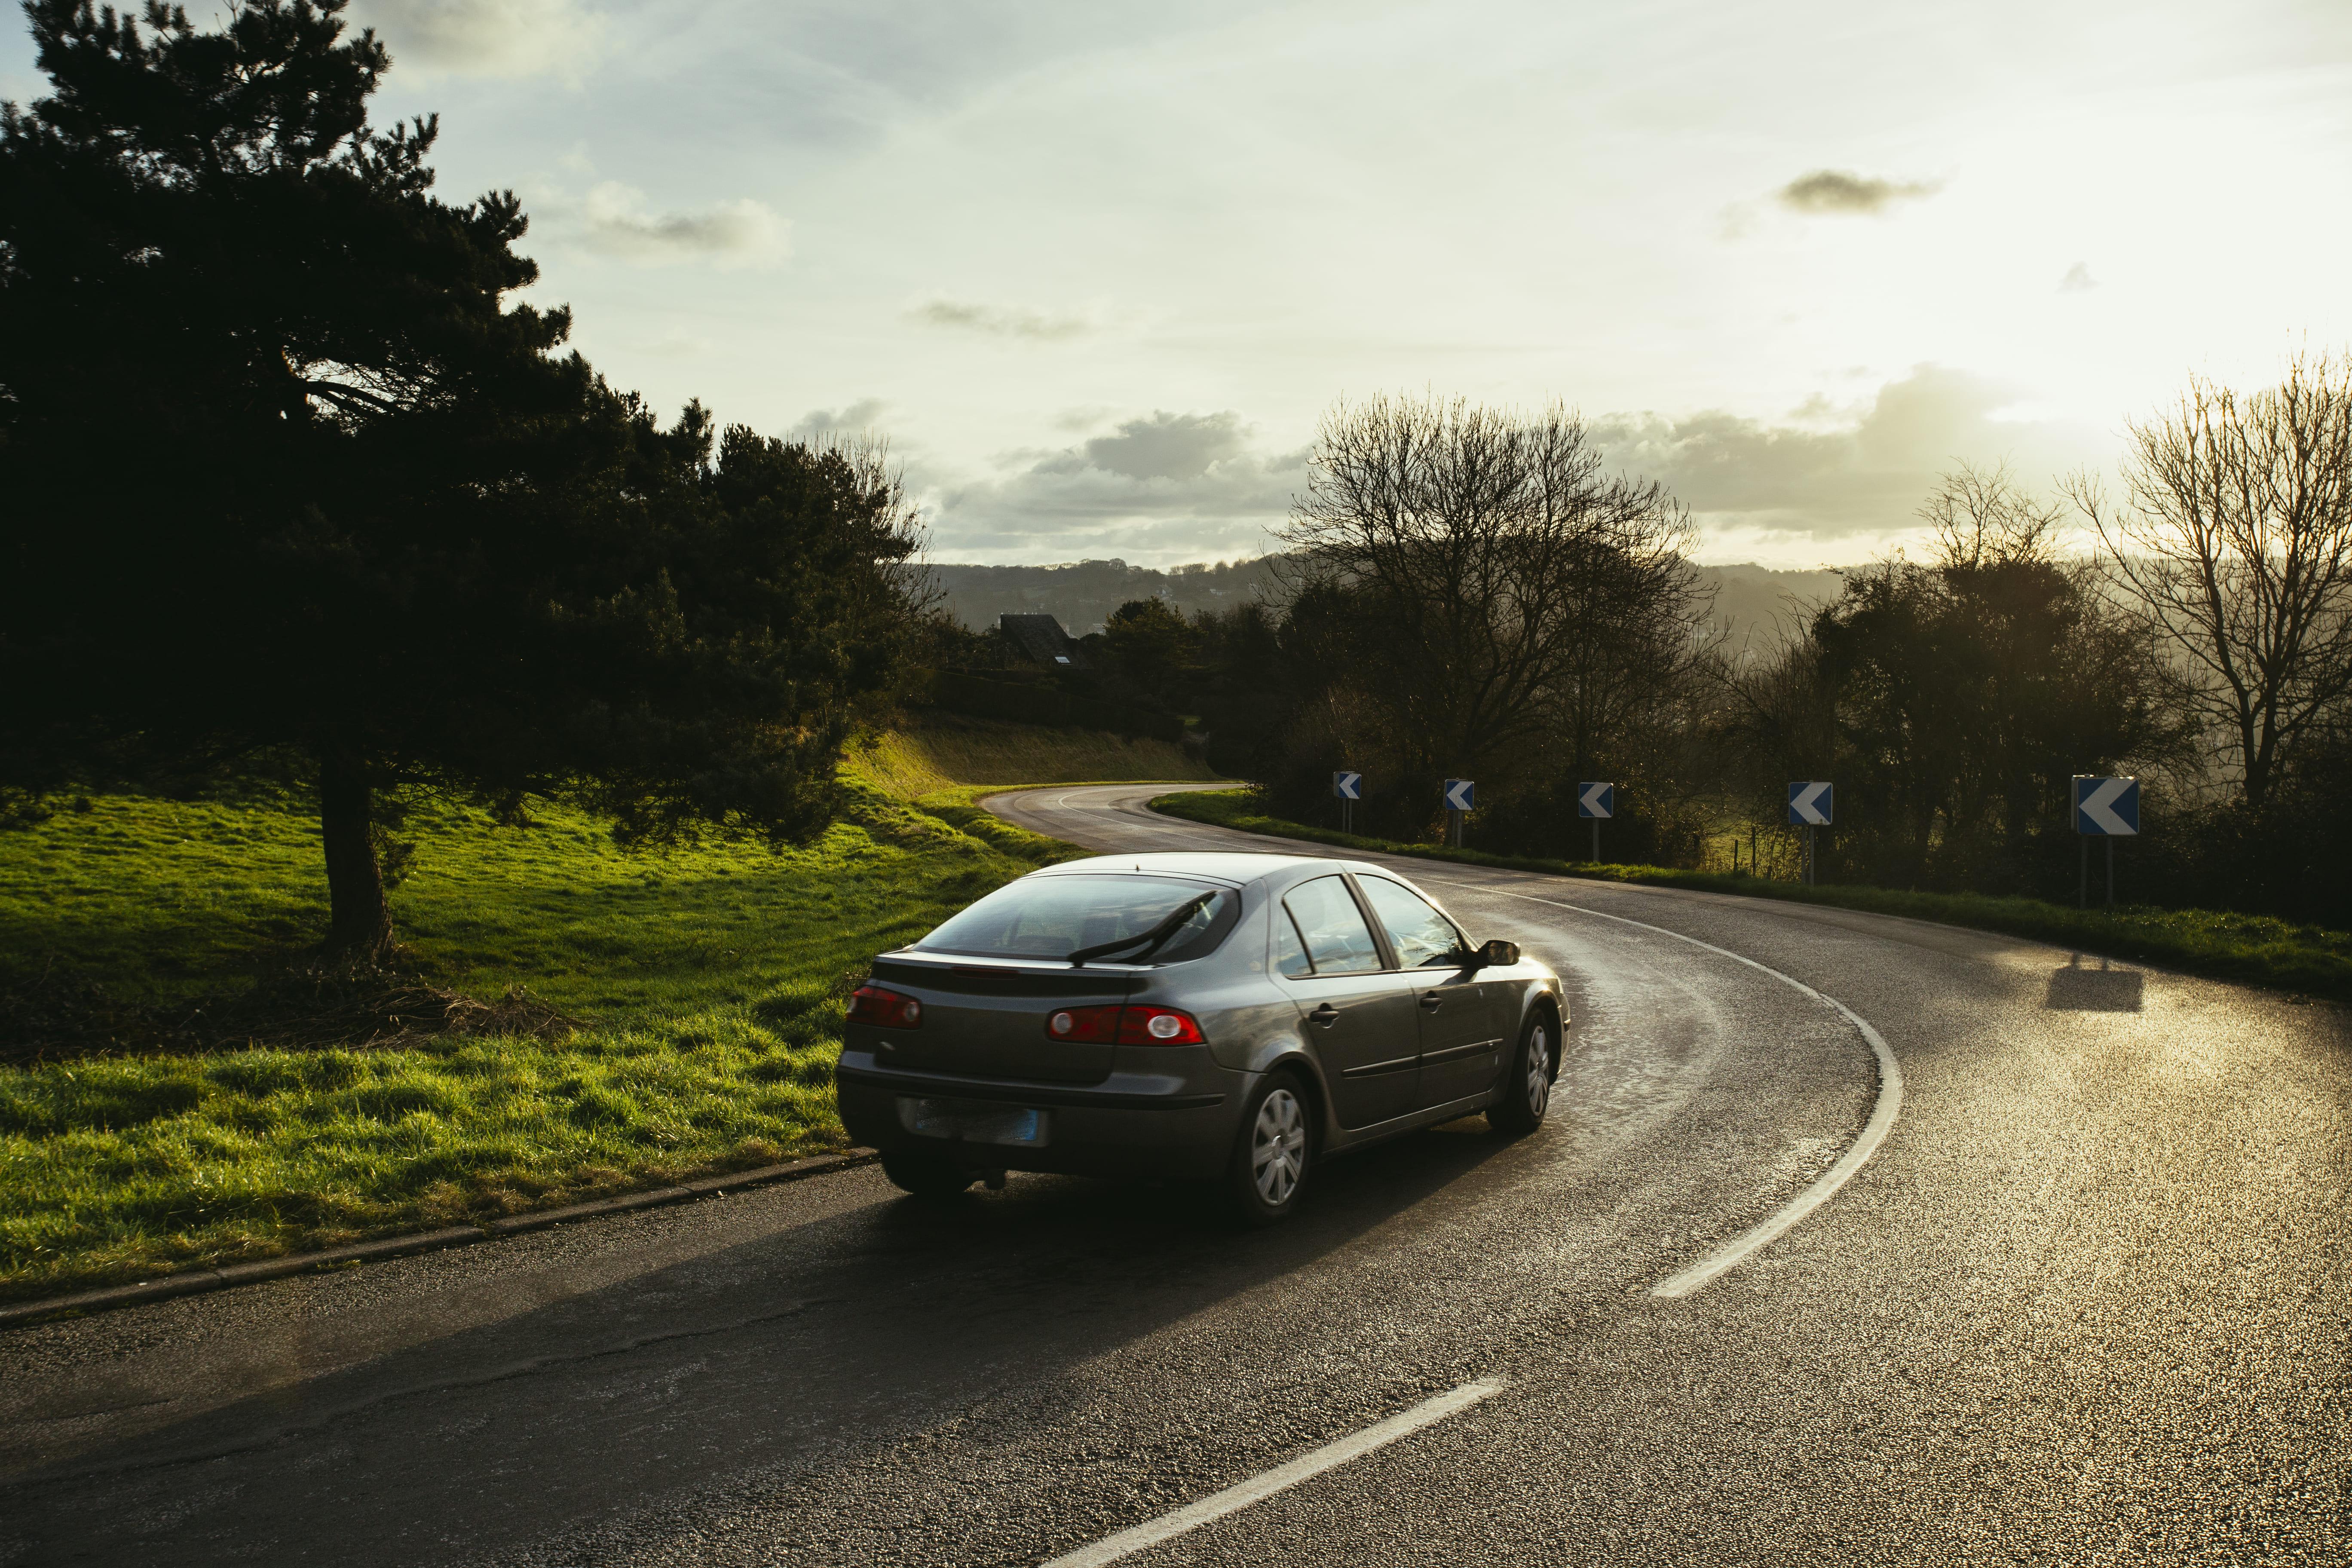 「インサイト」の中古車を自社ローンで購入した方の車両価格相場と口コミ(体験談)